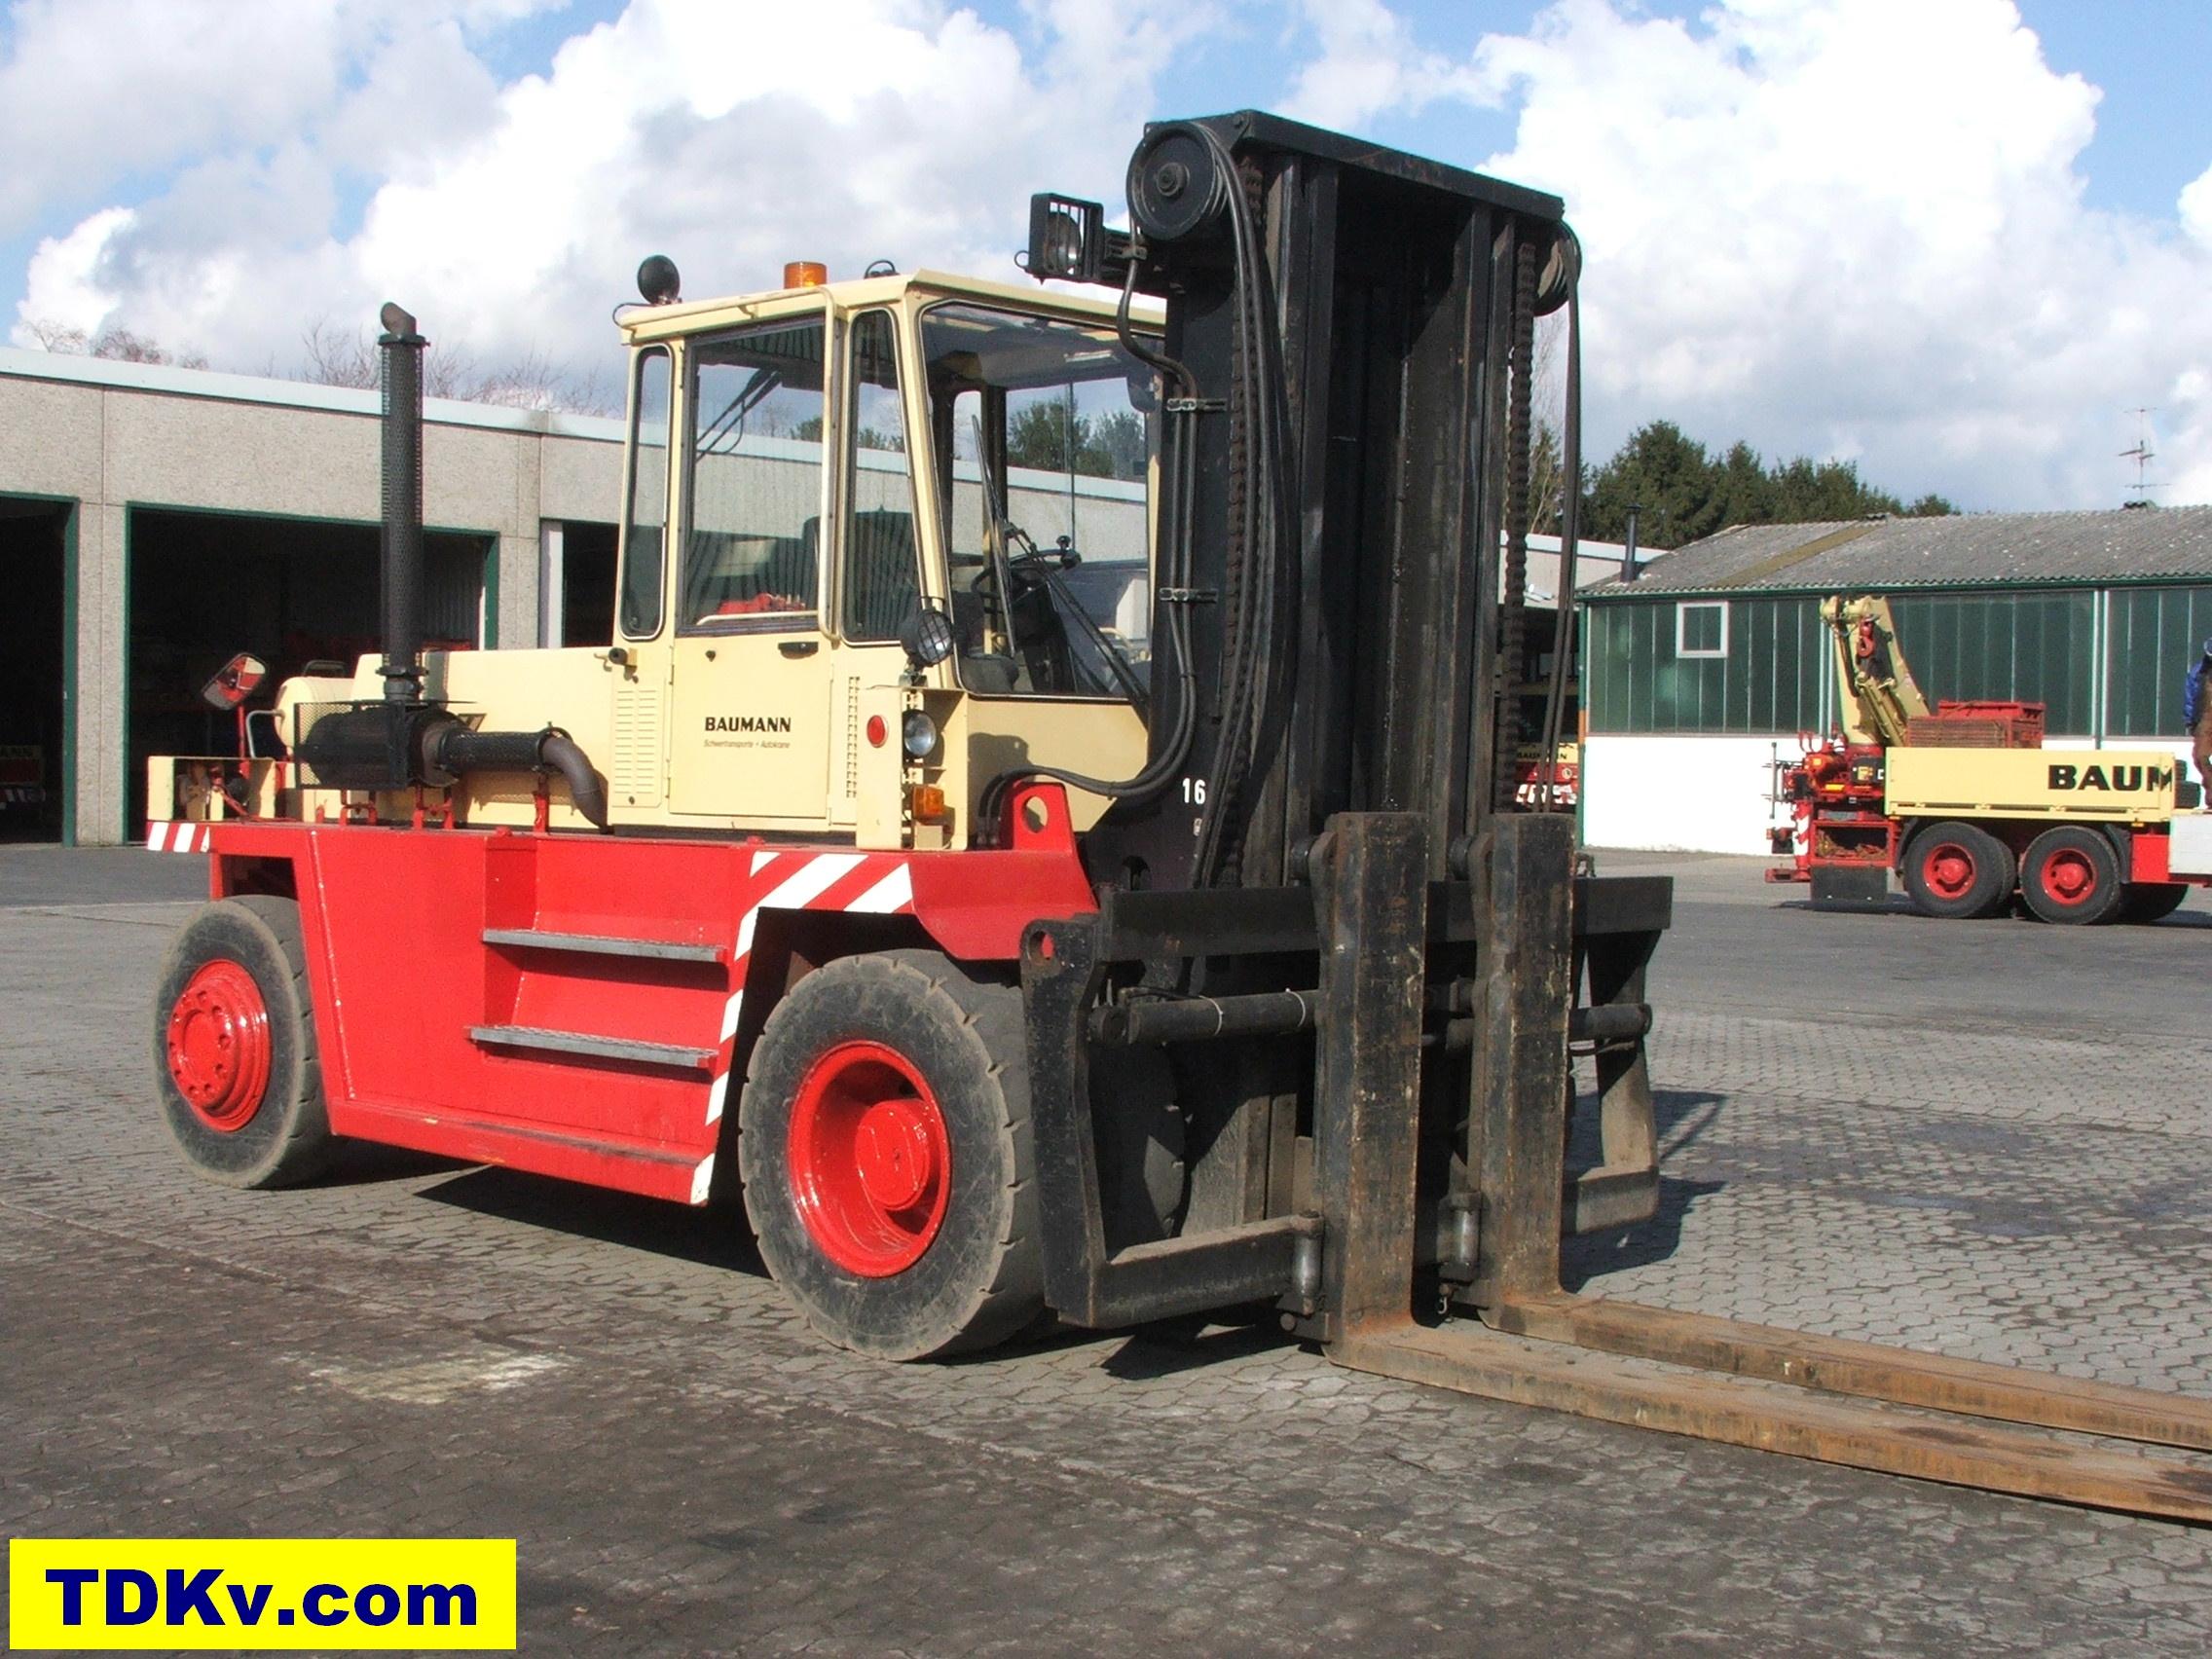 Baumann Forklift